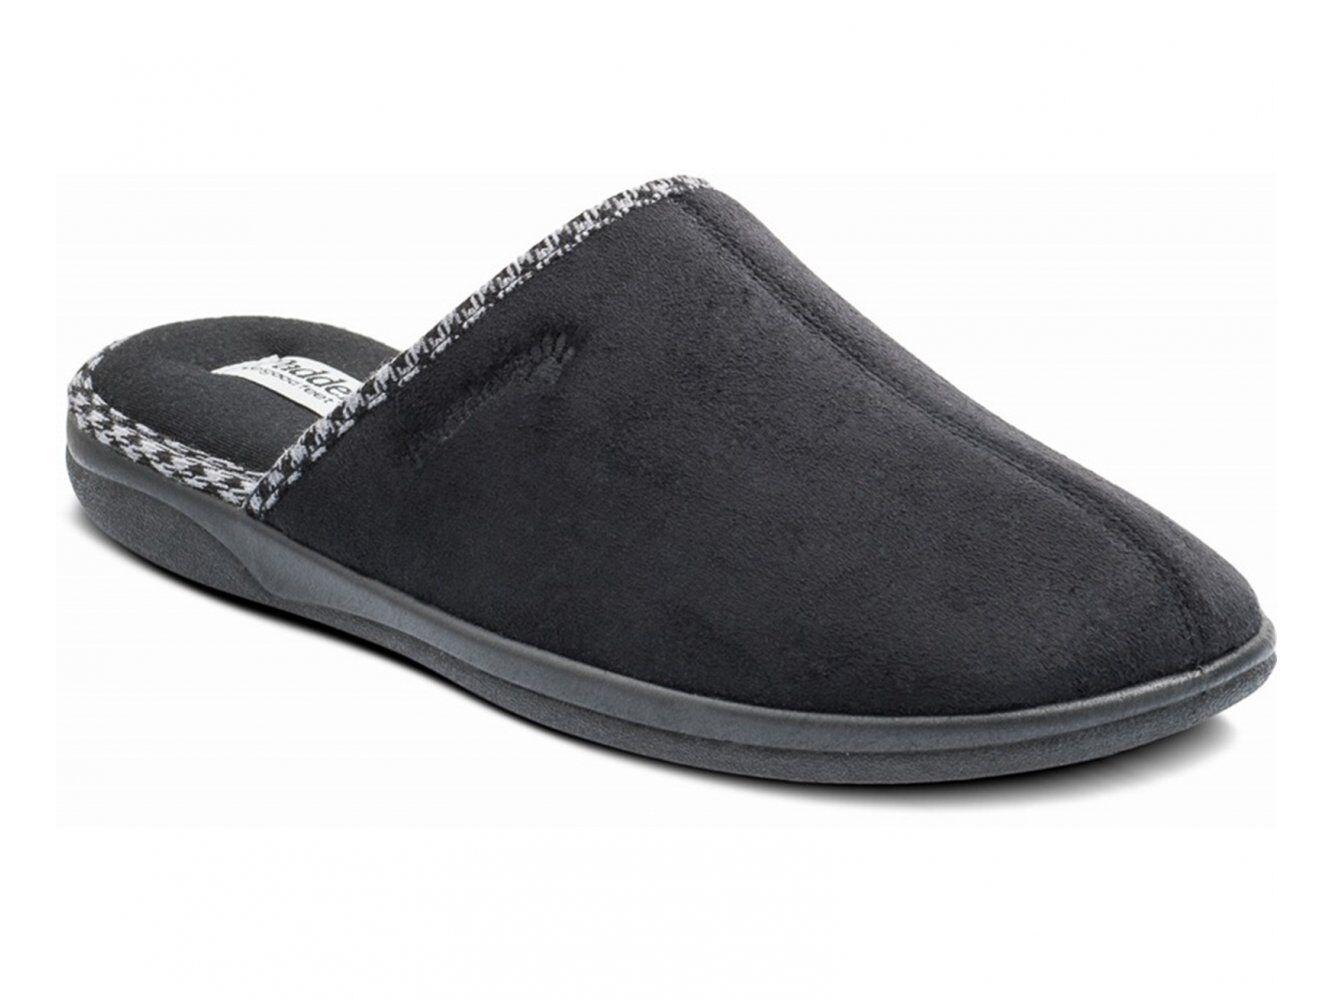 Padders LUKE Mens Microsuede Wide (G) Fitting Comfy Slip On Mule Slippers Black